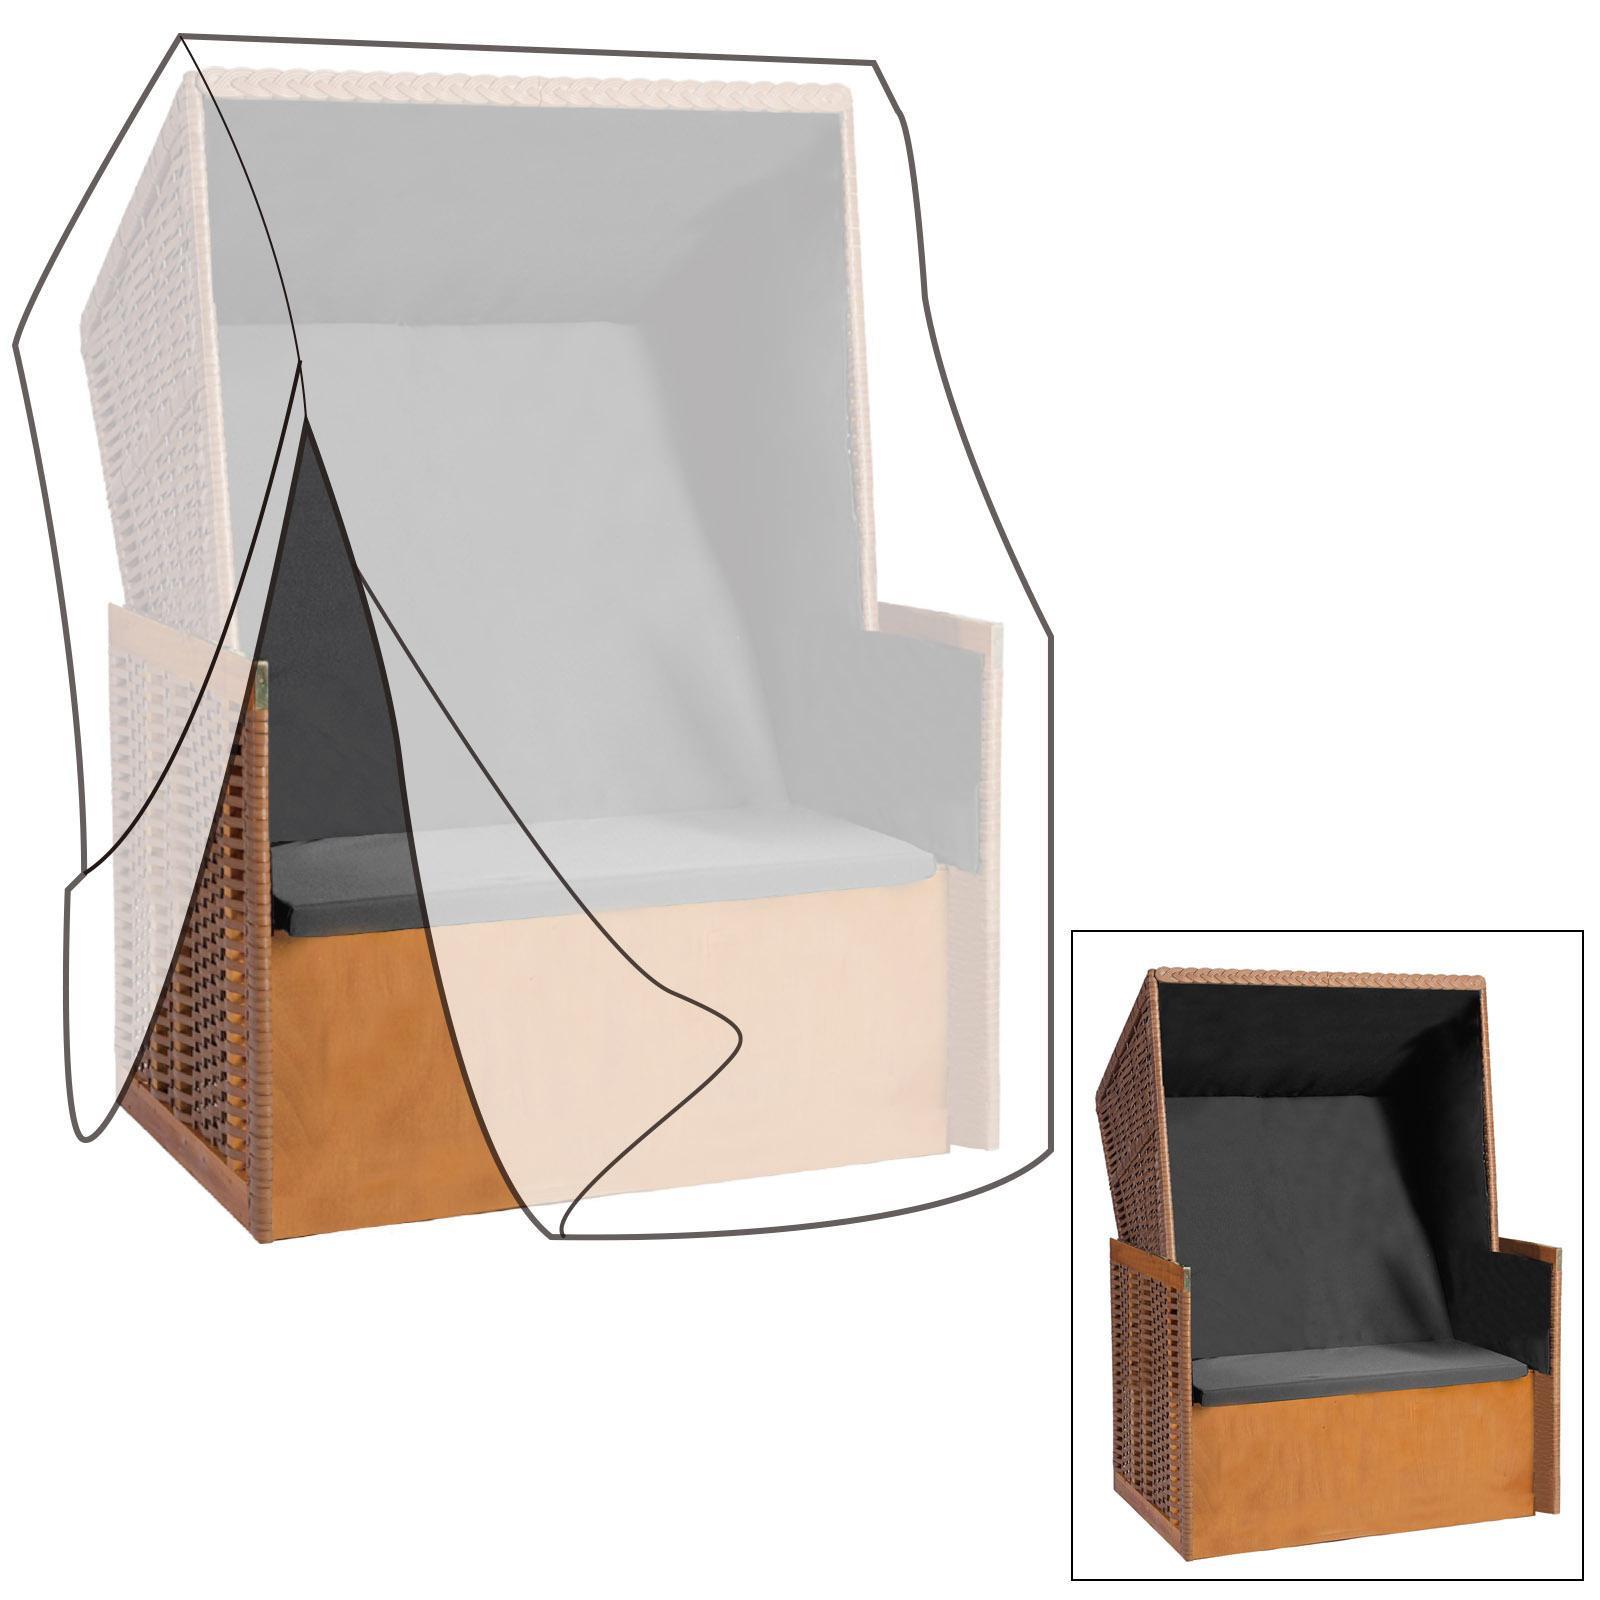 schutzh lle f r strandkorb schutzplane abdeckhaube h lle. Black Bedroom Furniture Sets. Home Design Ideas